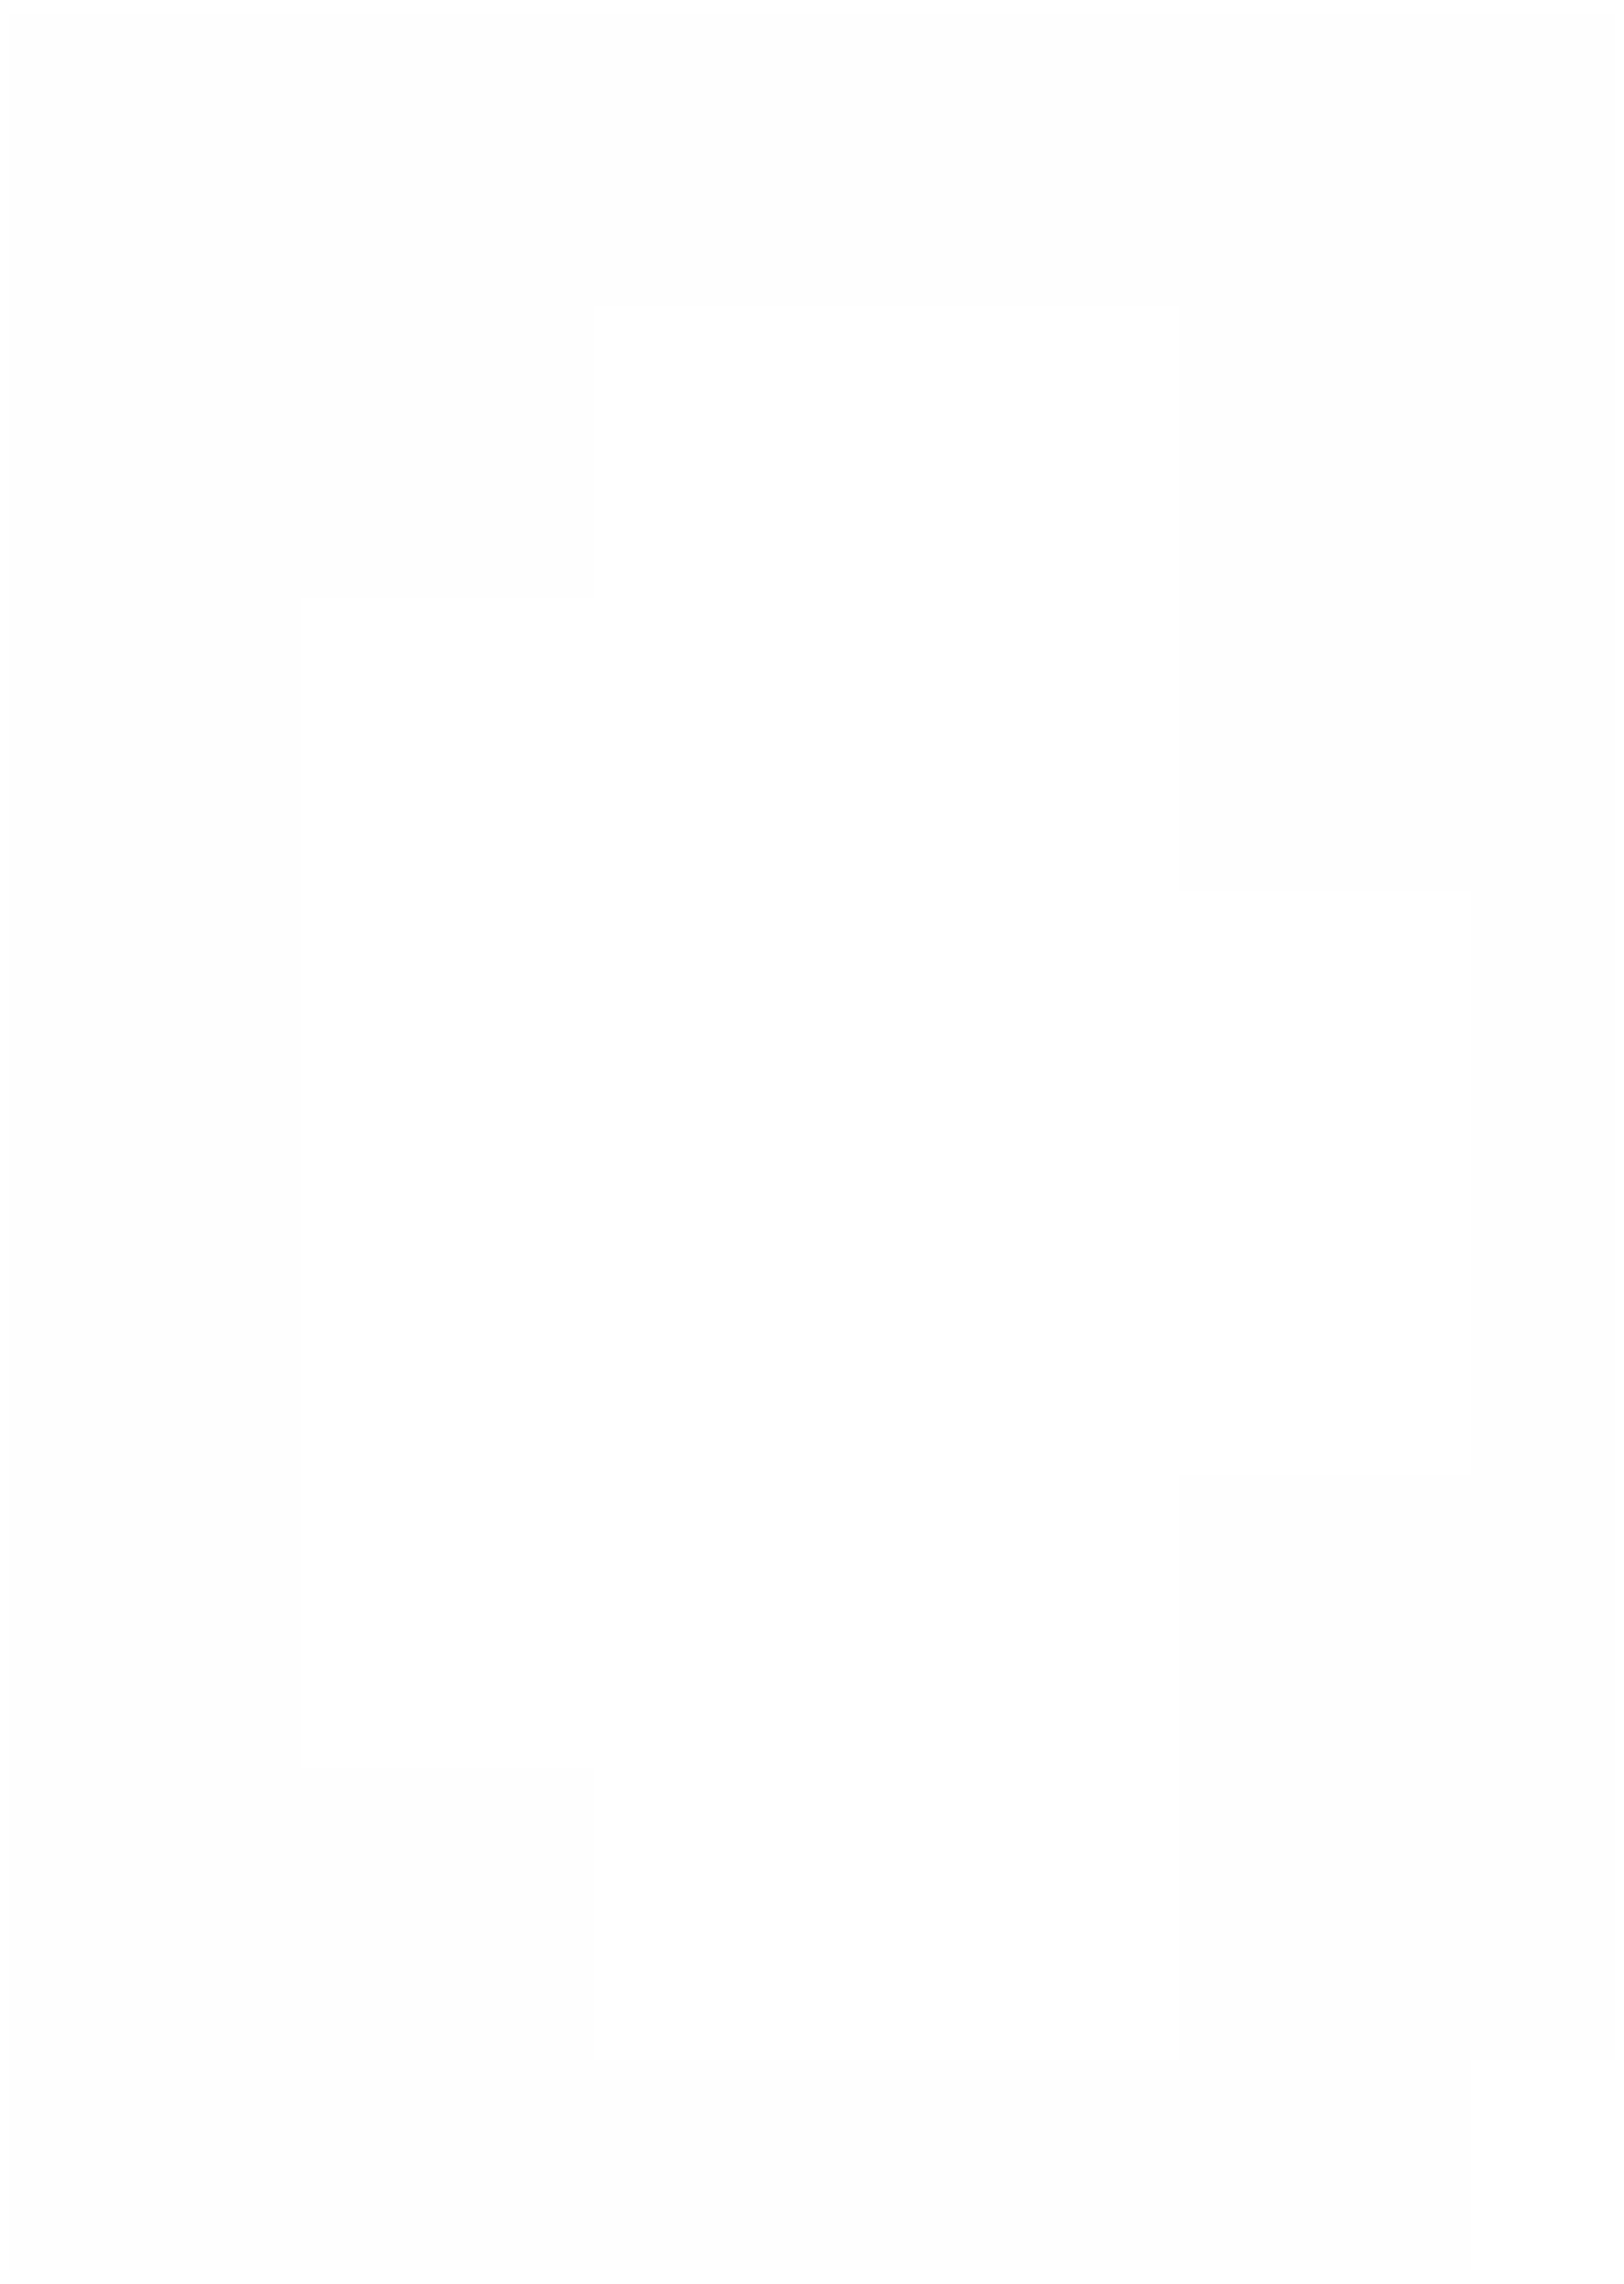 White Border Frame Clip Art PNG Image.